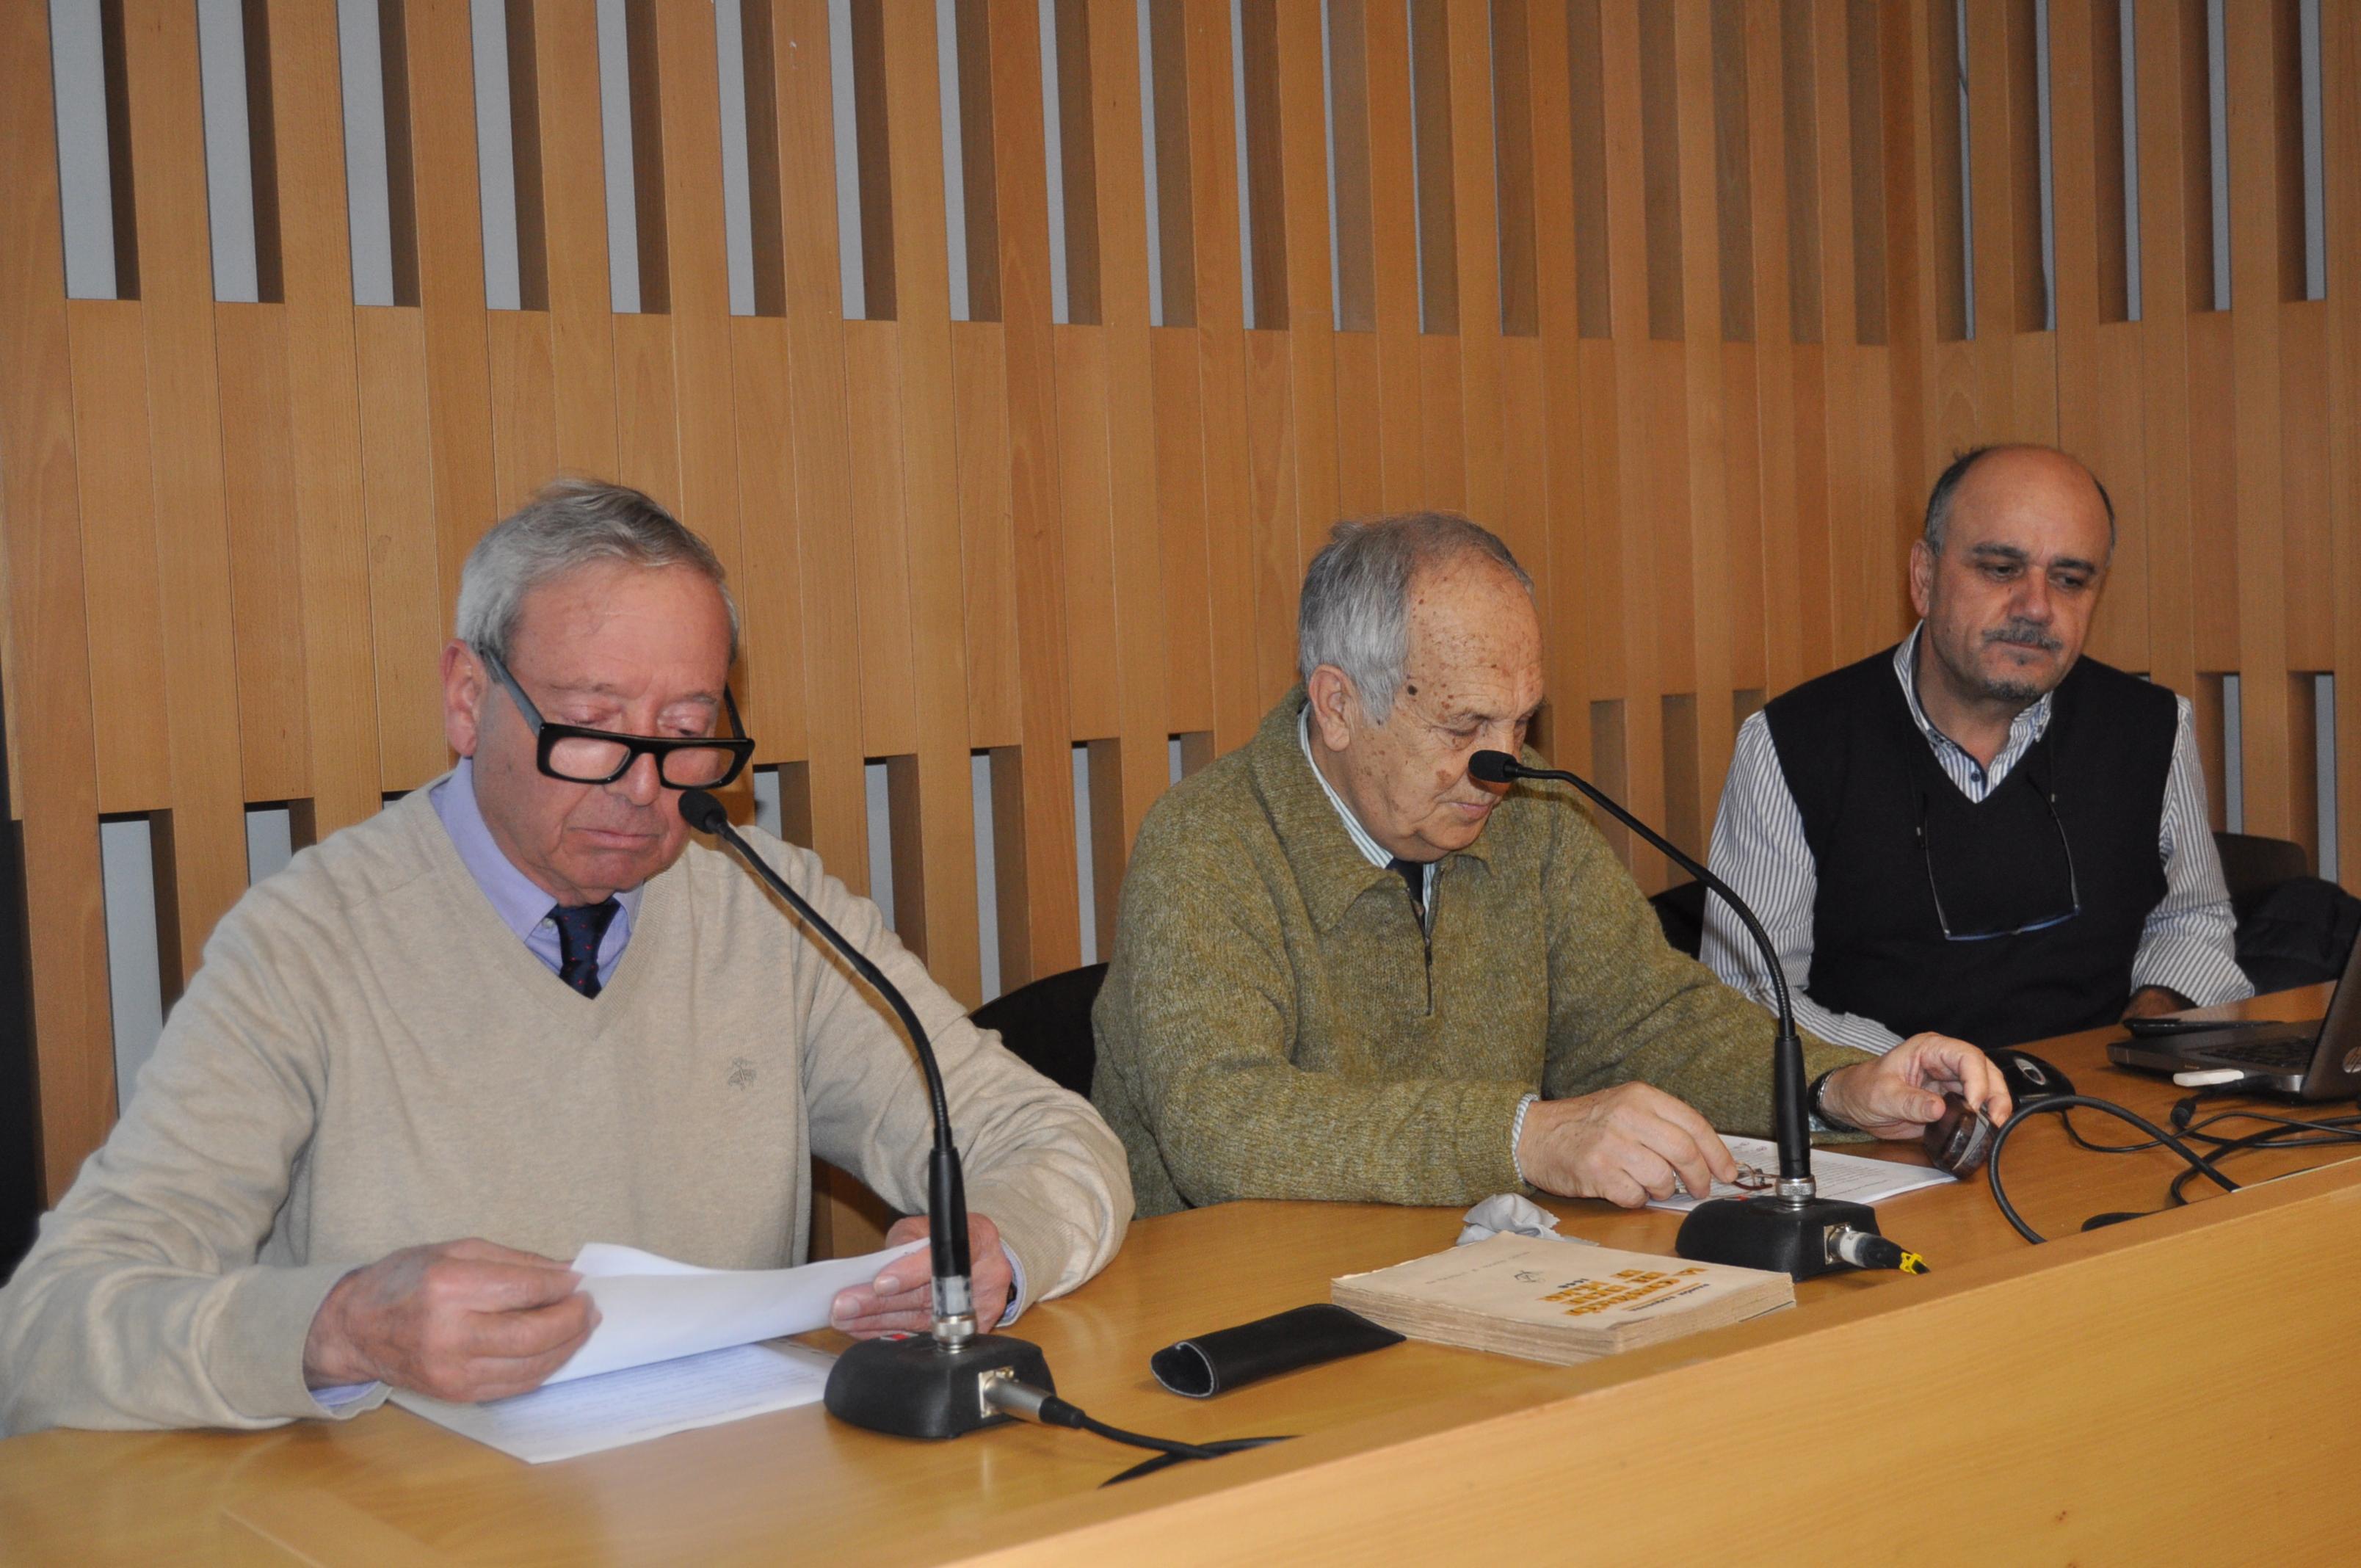 Presentación del acto por D. Marcelino Fernández, presidente de Promonumenta.